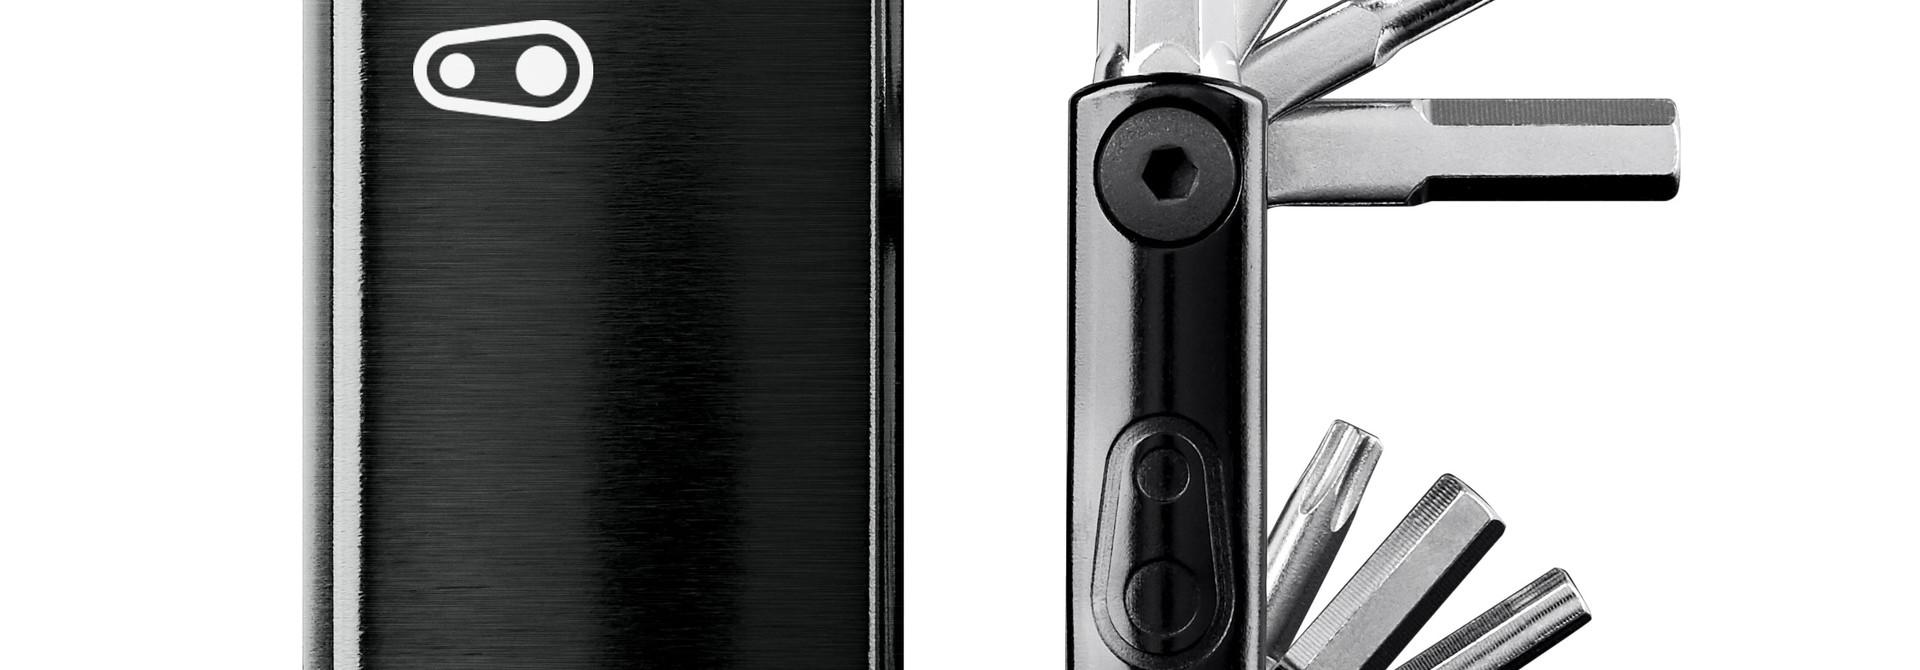 Crank Brothers F15 Multi-tool Black